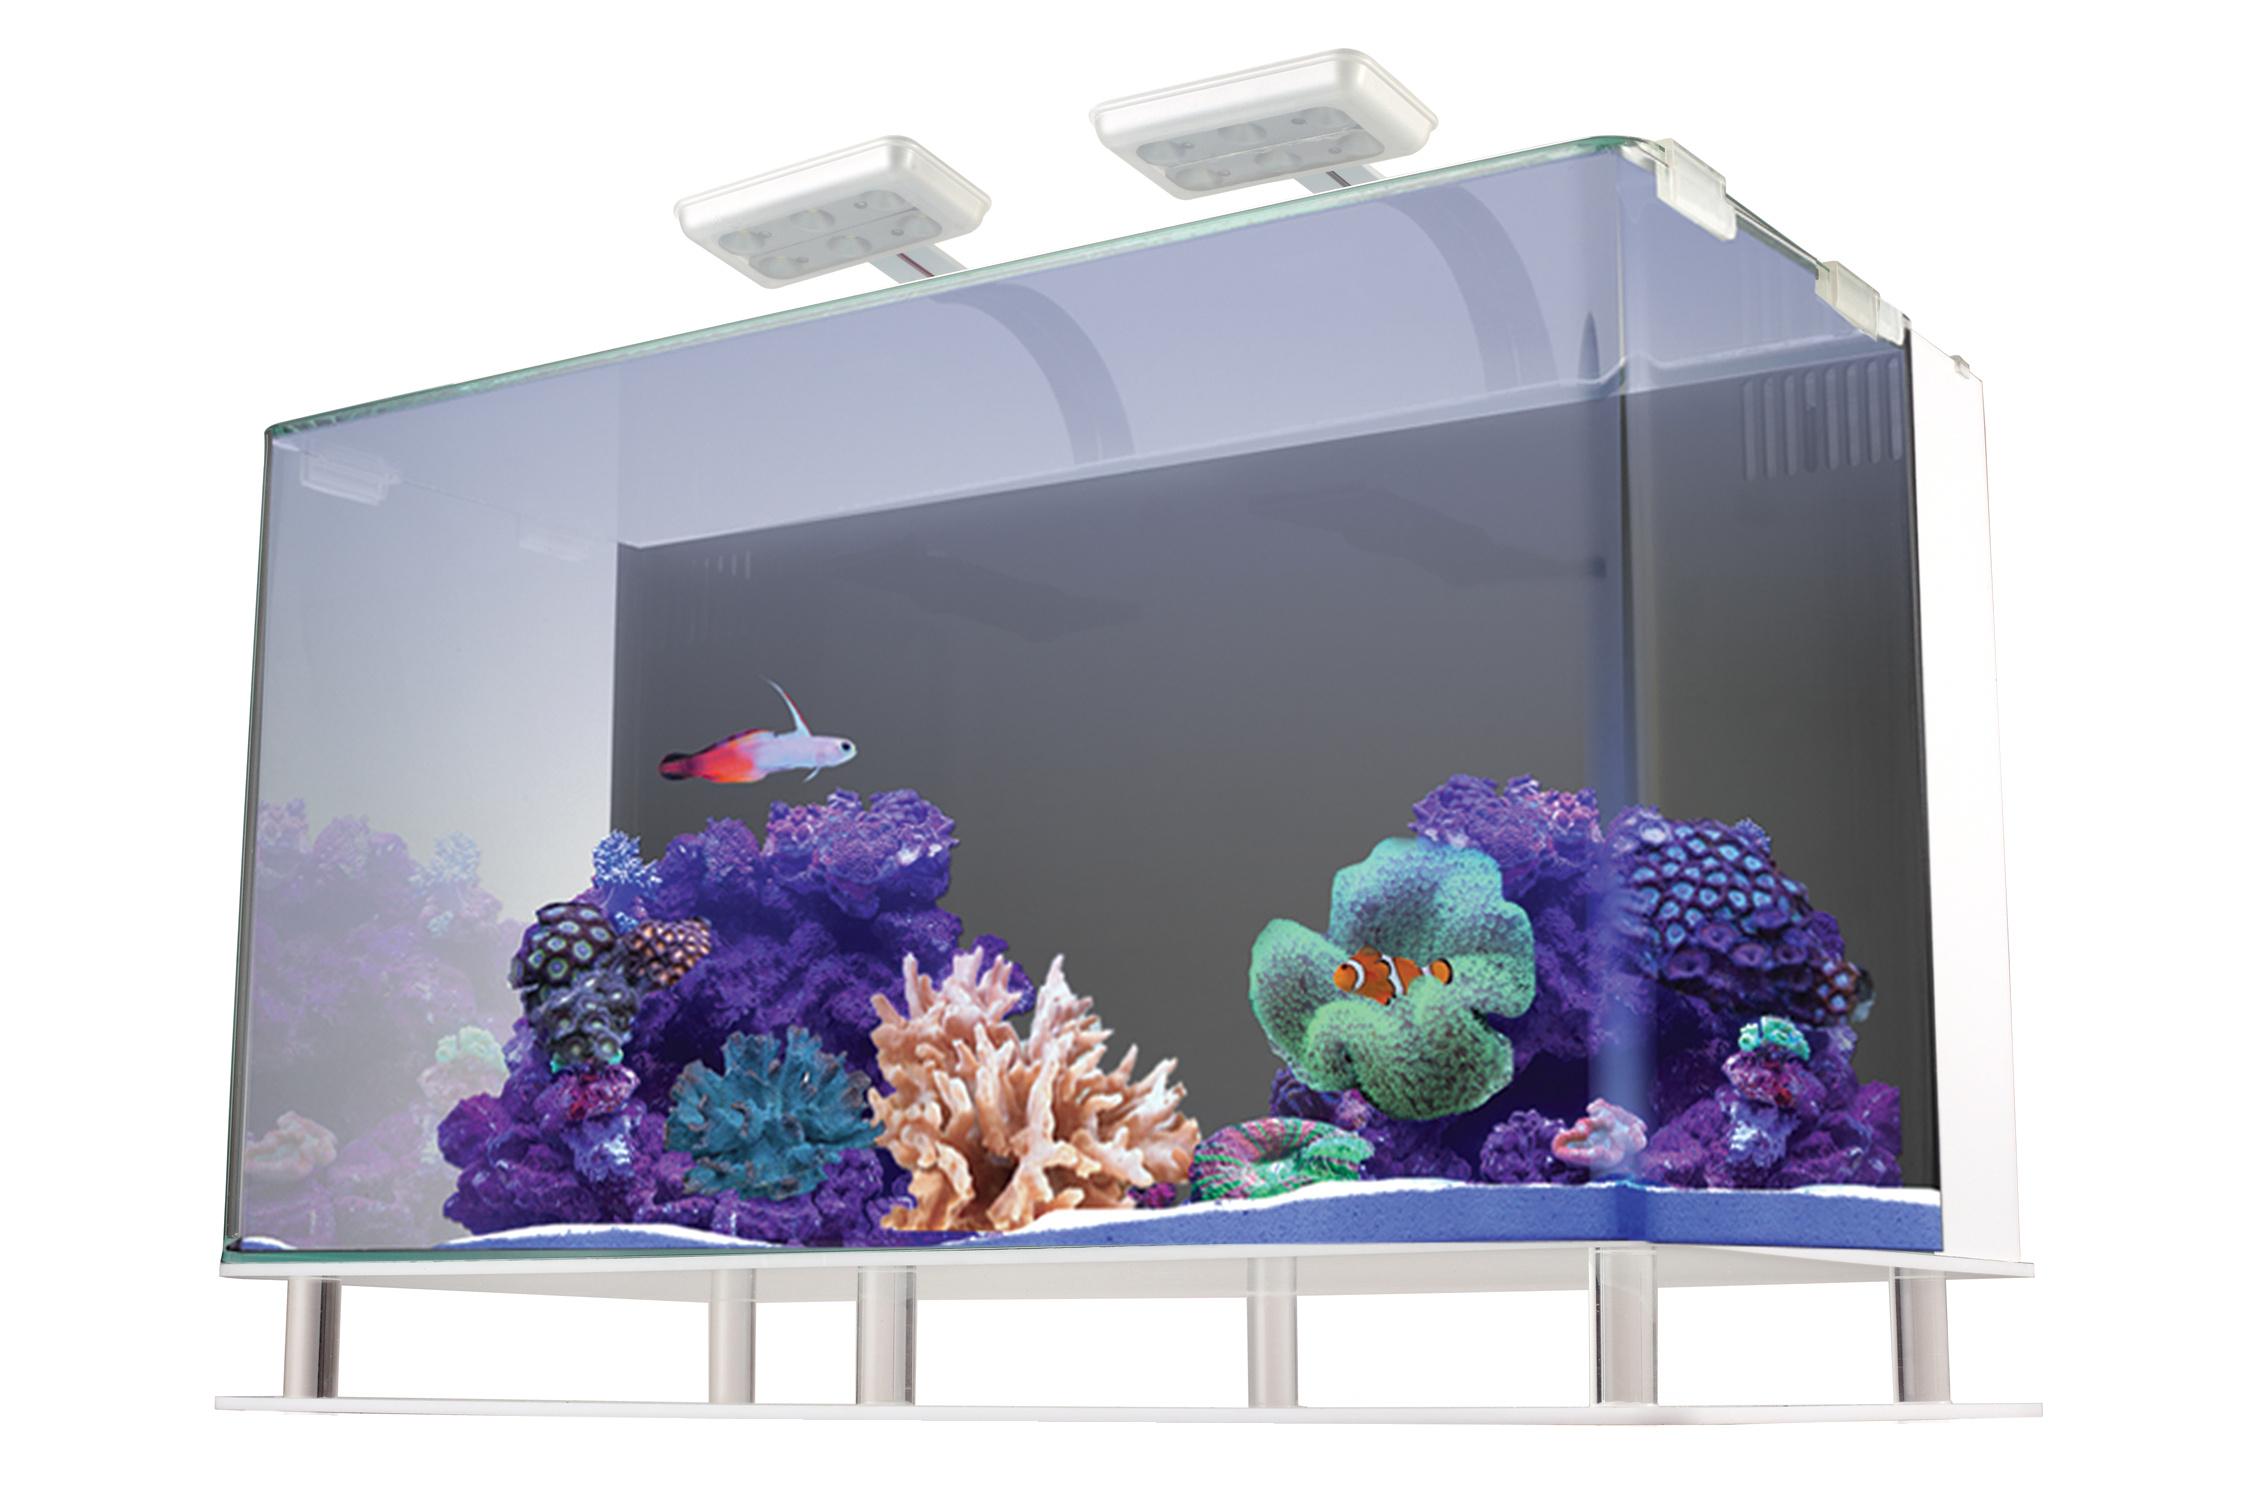 Nuvo Aquarium Sale: Up to 70% Off | Best Discount Price ...